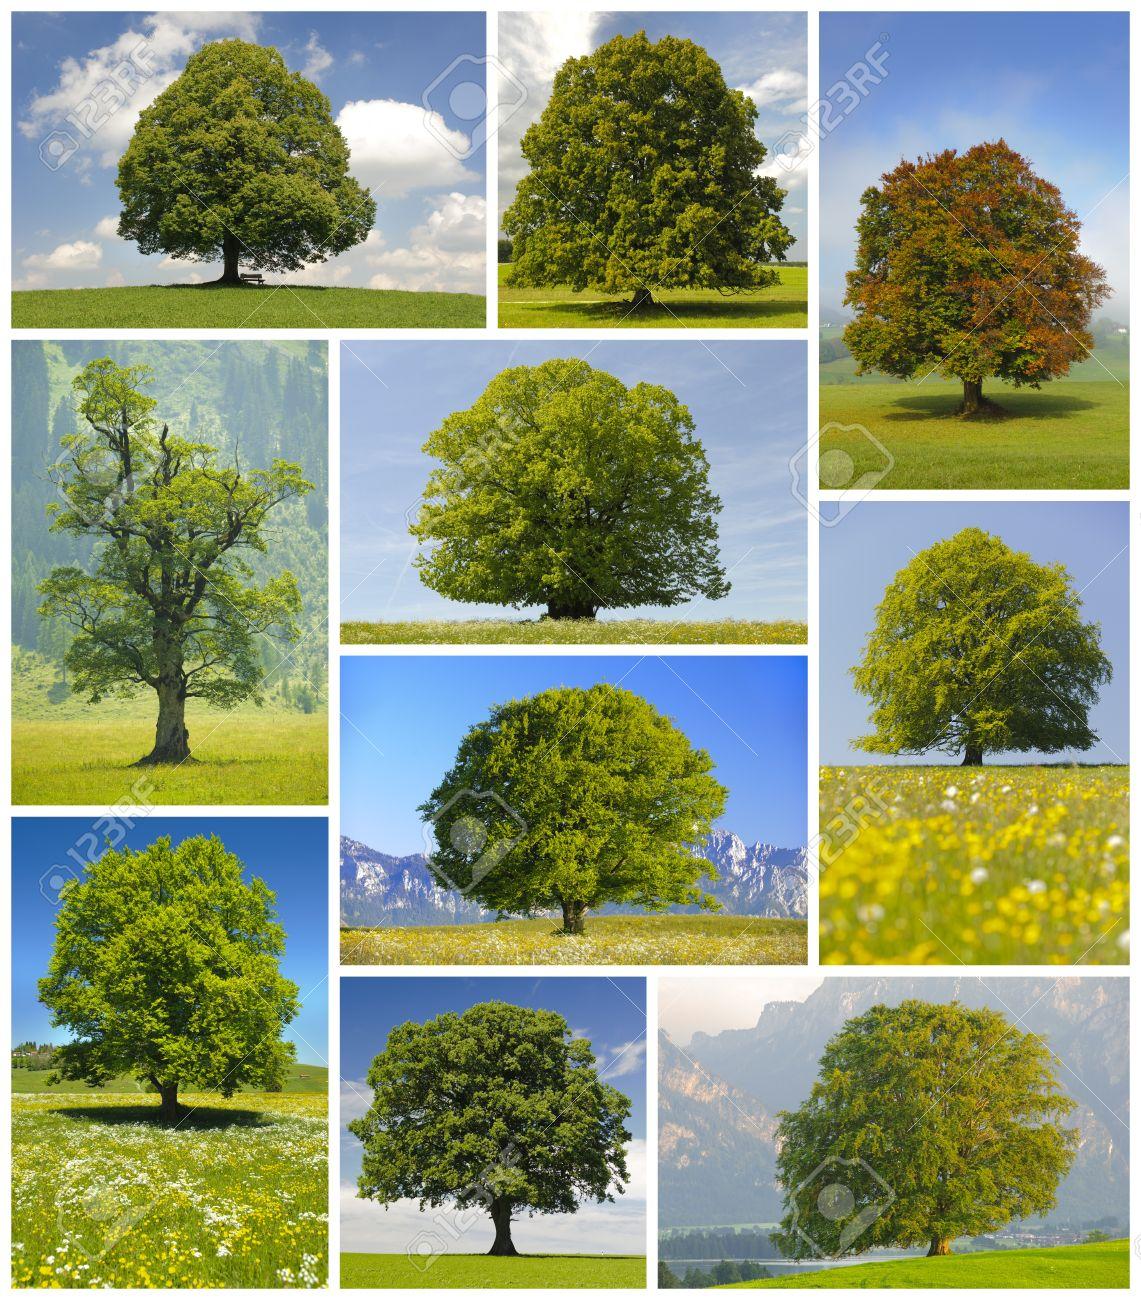 Collage De Grandes árboles Fotos, Retratos, Imágenes Y Fotografía ...